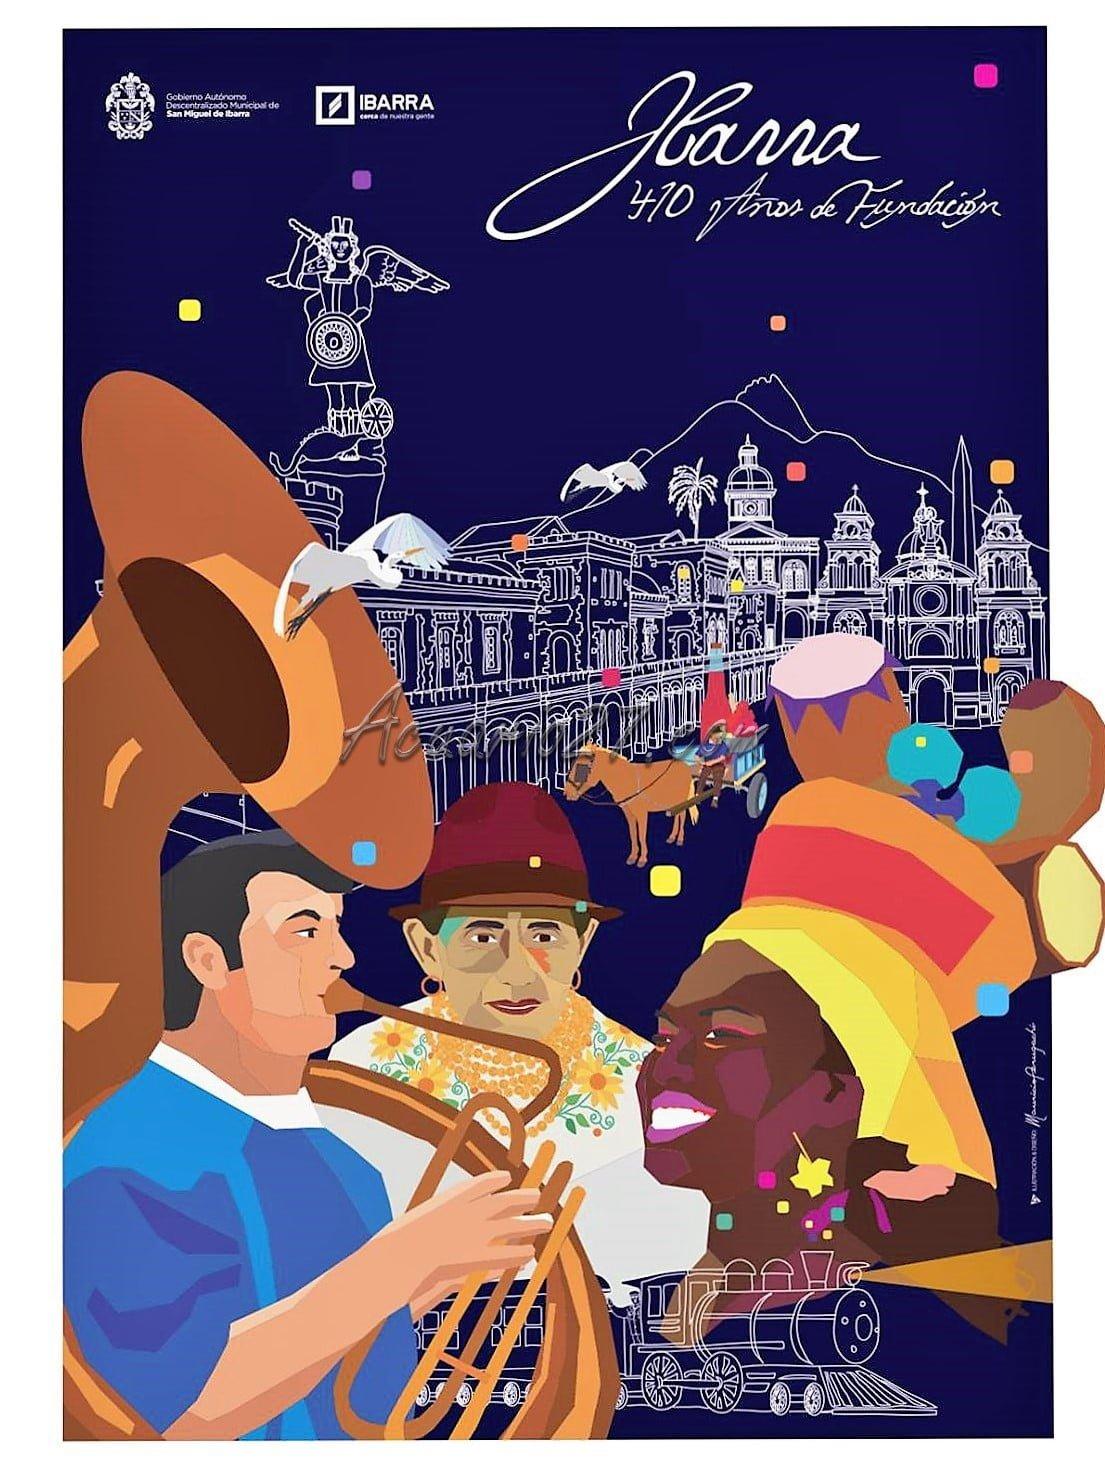 Afiche 410 años de Fundación de Ibarra